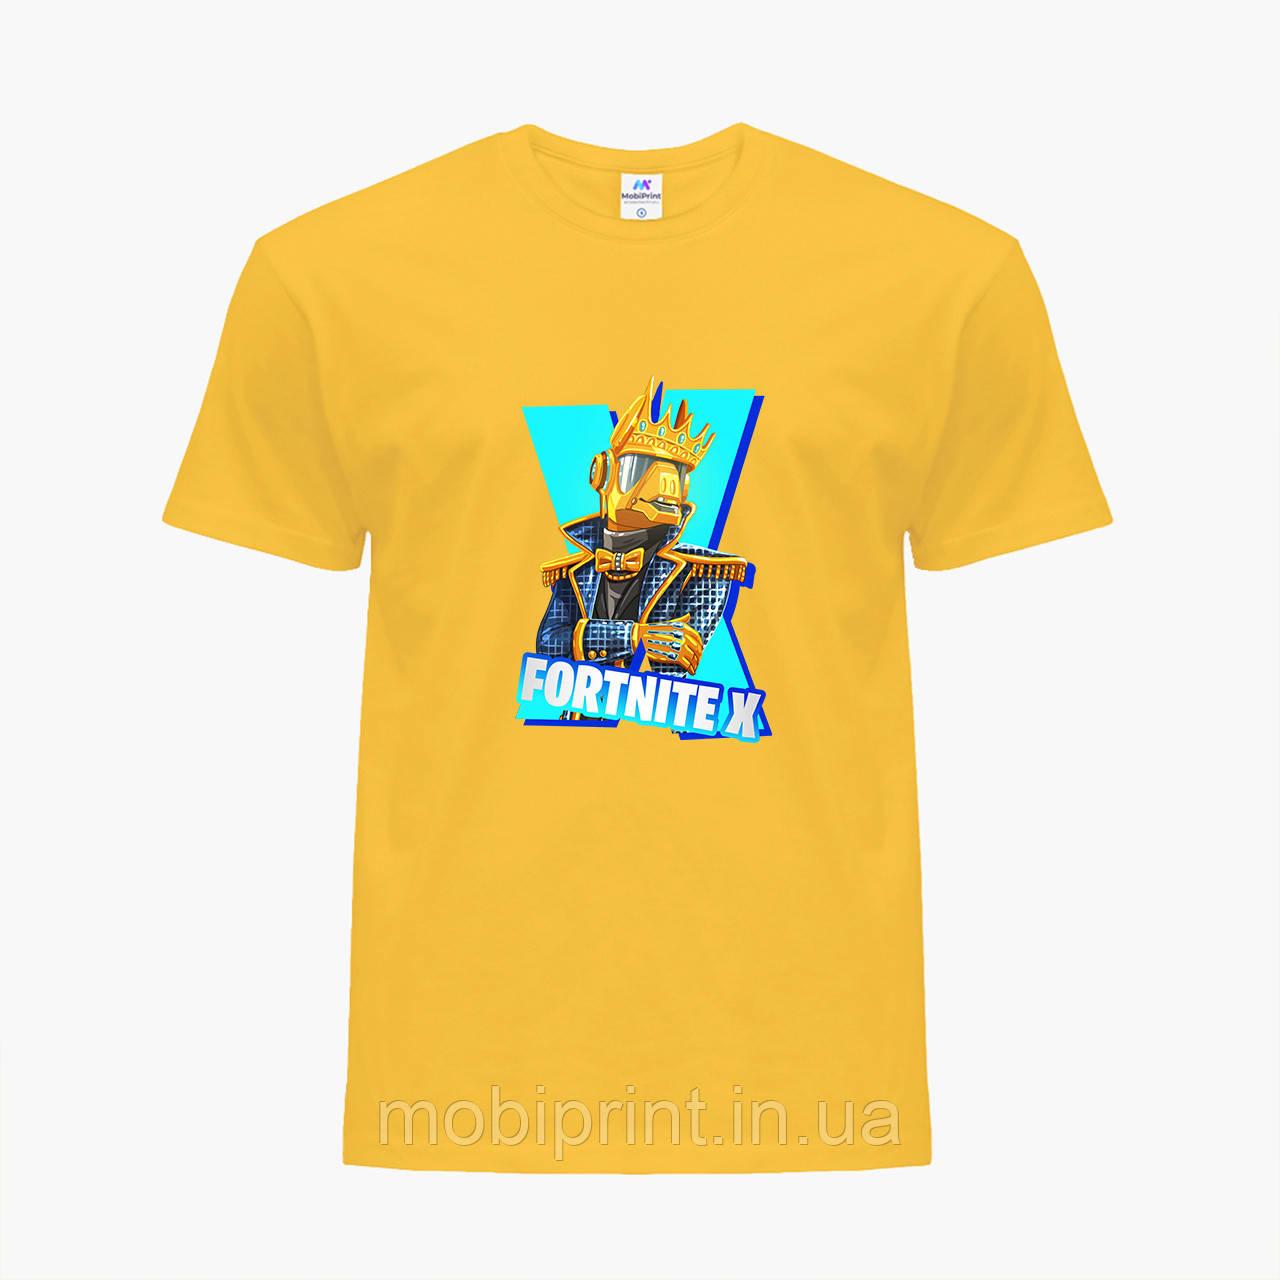 Детская футболка для мальчиков Фортнайт (Fortnite) (25186-1196) Желтый